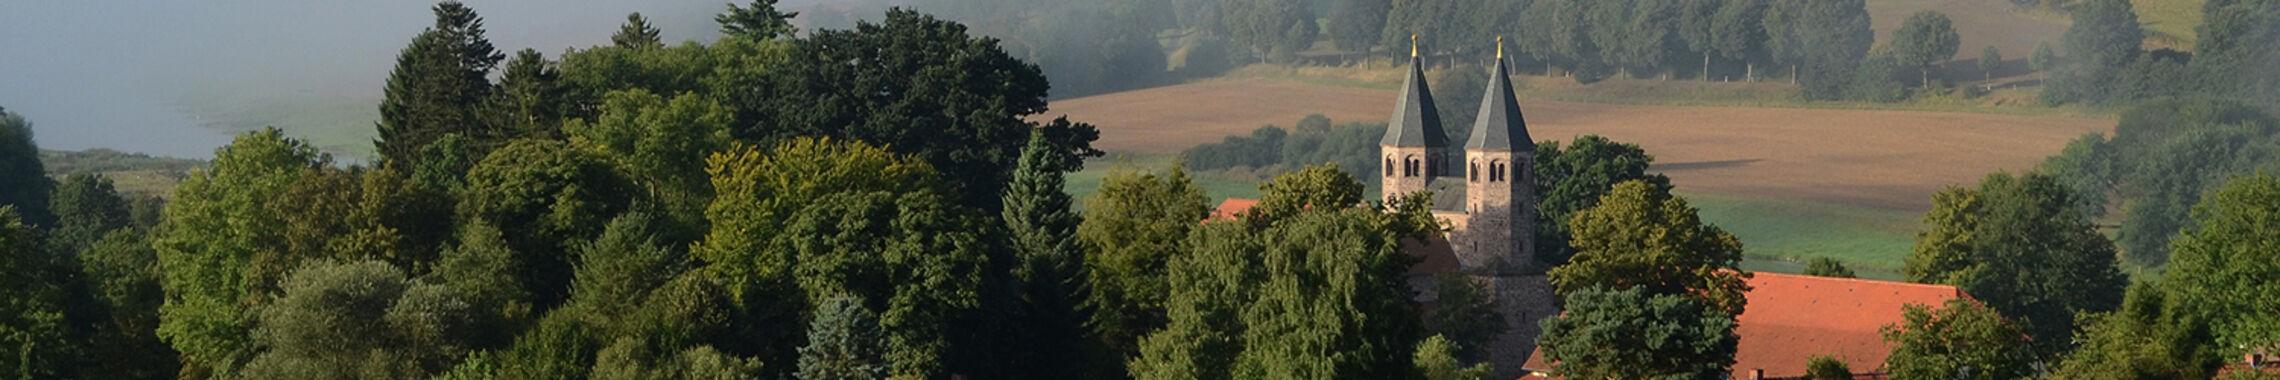 Kloster-Bursfelde_tal_im_nebel_38_1920_250_2